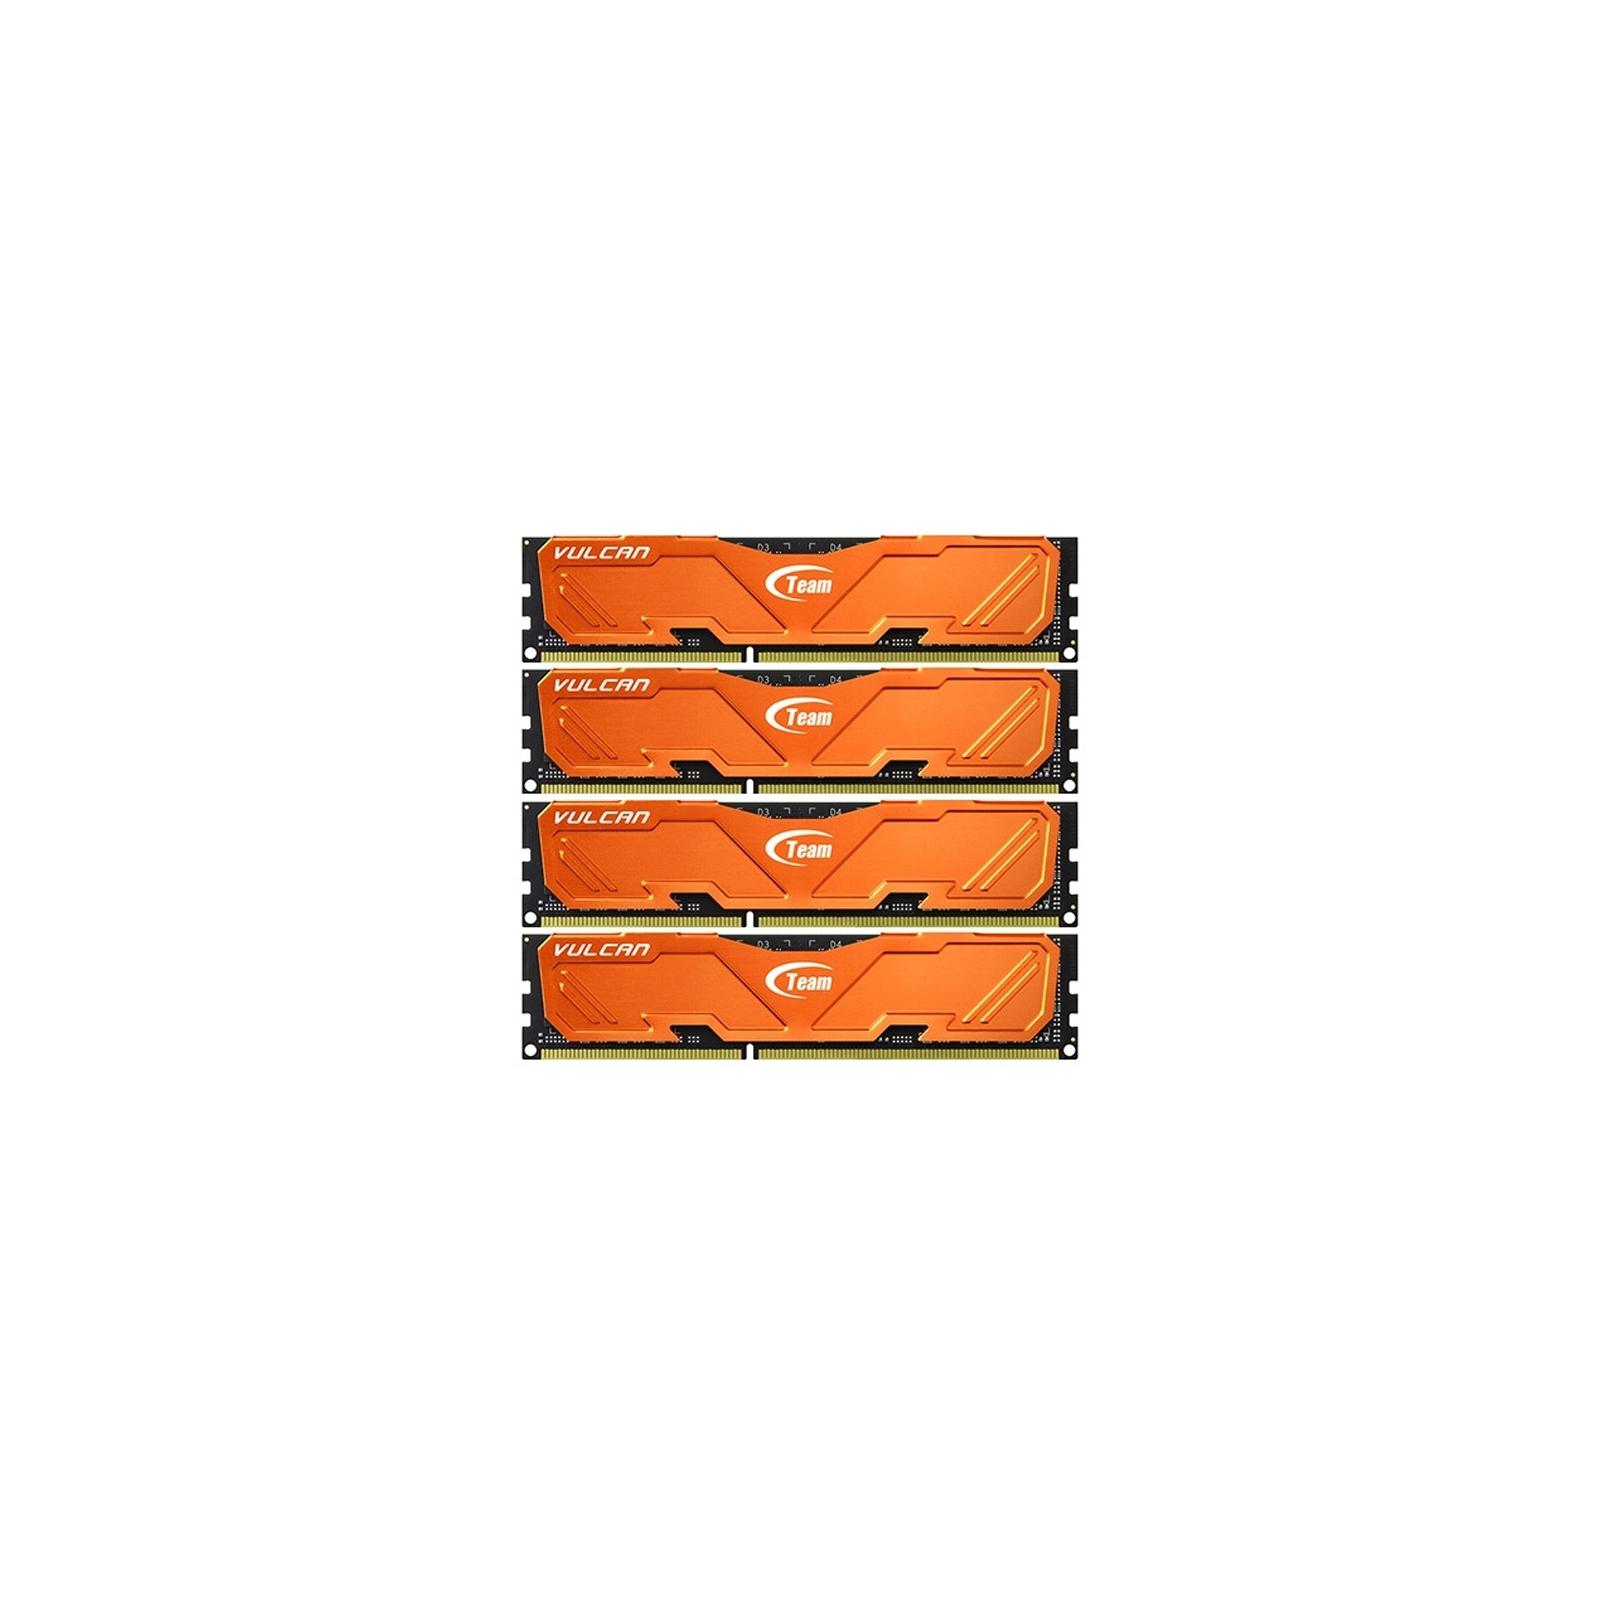 Модуль памяти для компьютера DDR3 32GB (4x8GB) 1600 MHz Vulcan Orange Team (TLAED332G1600HC9QC01)